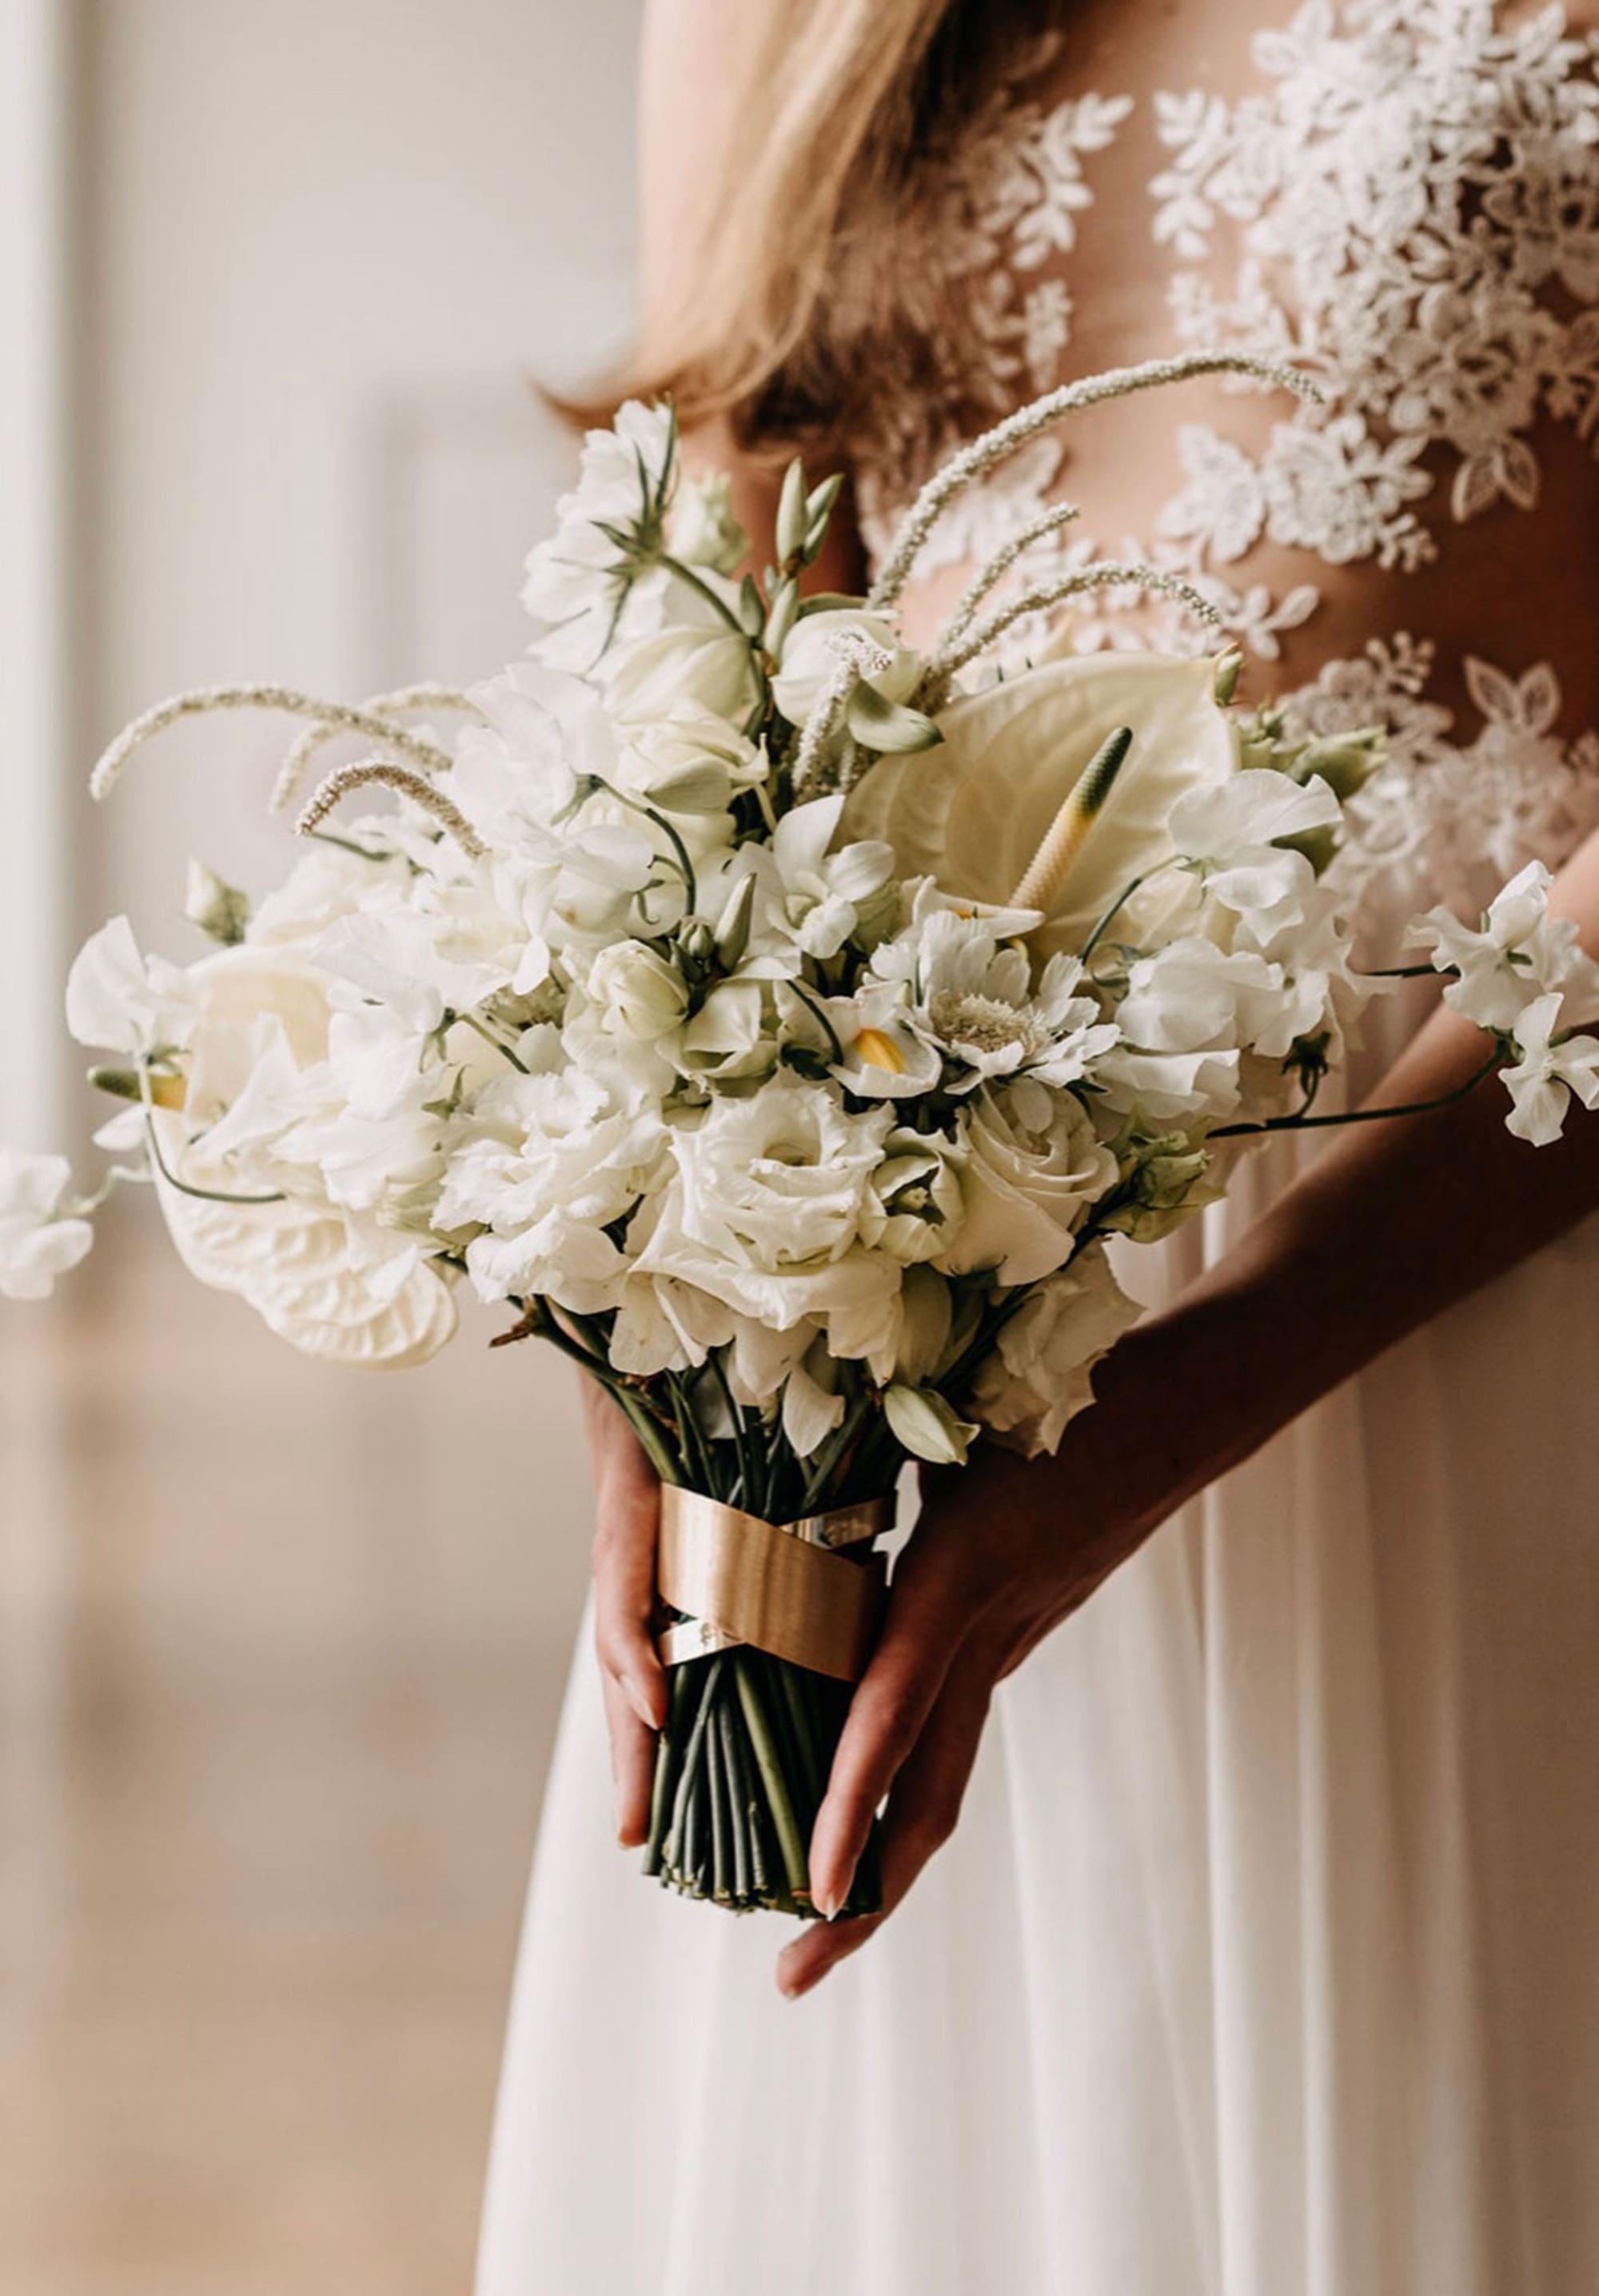 Brautstrauß aus Flamingoblumen und Rosen in Weiß, Braut im Hintergrund